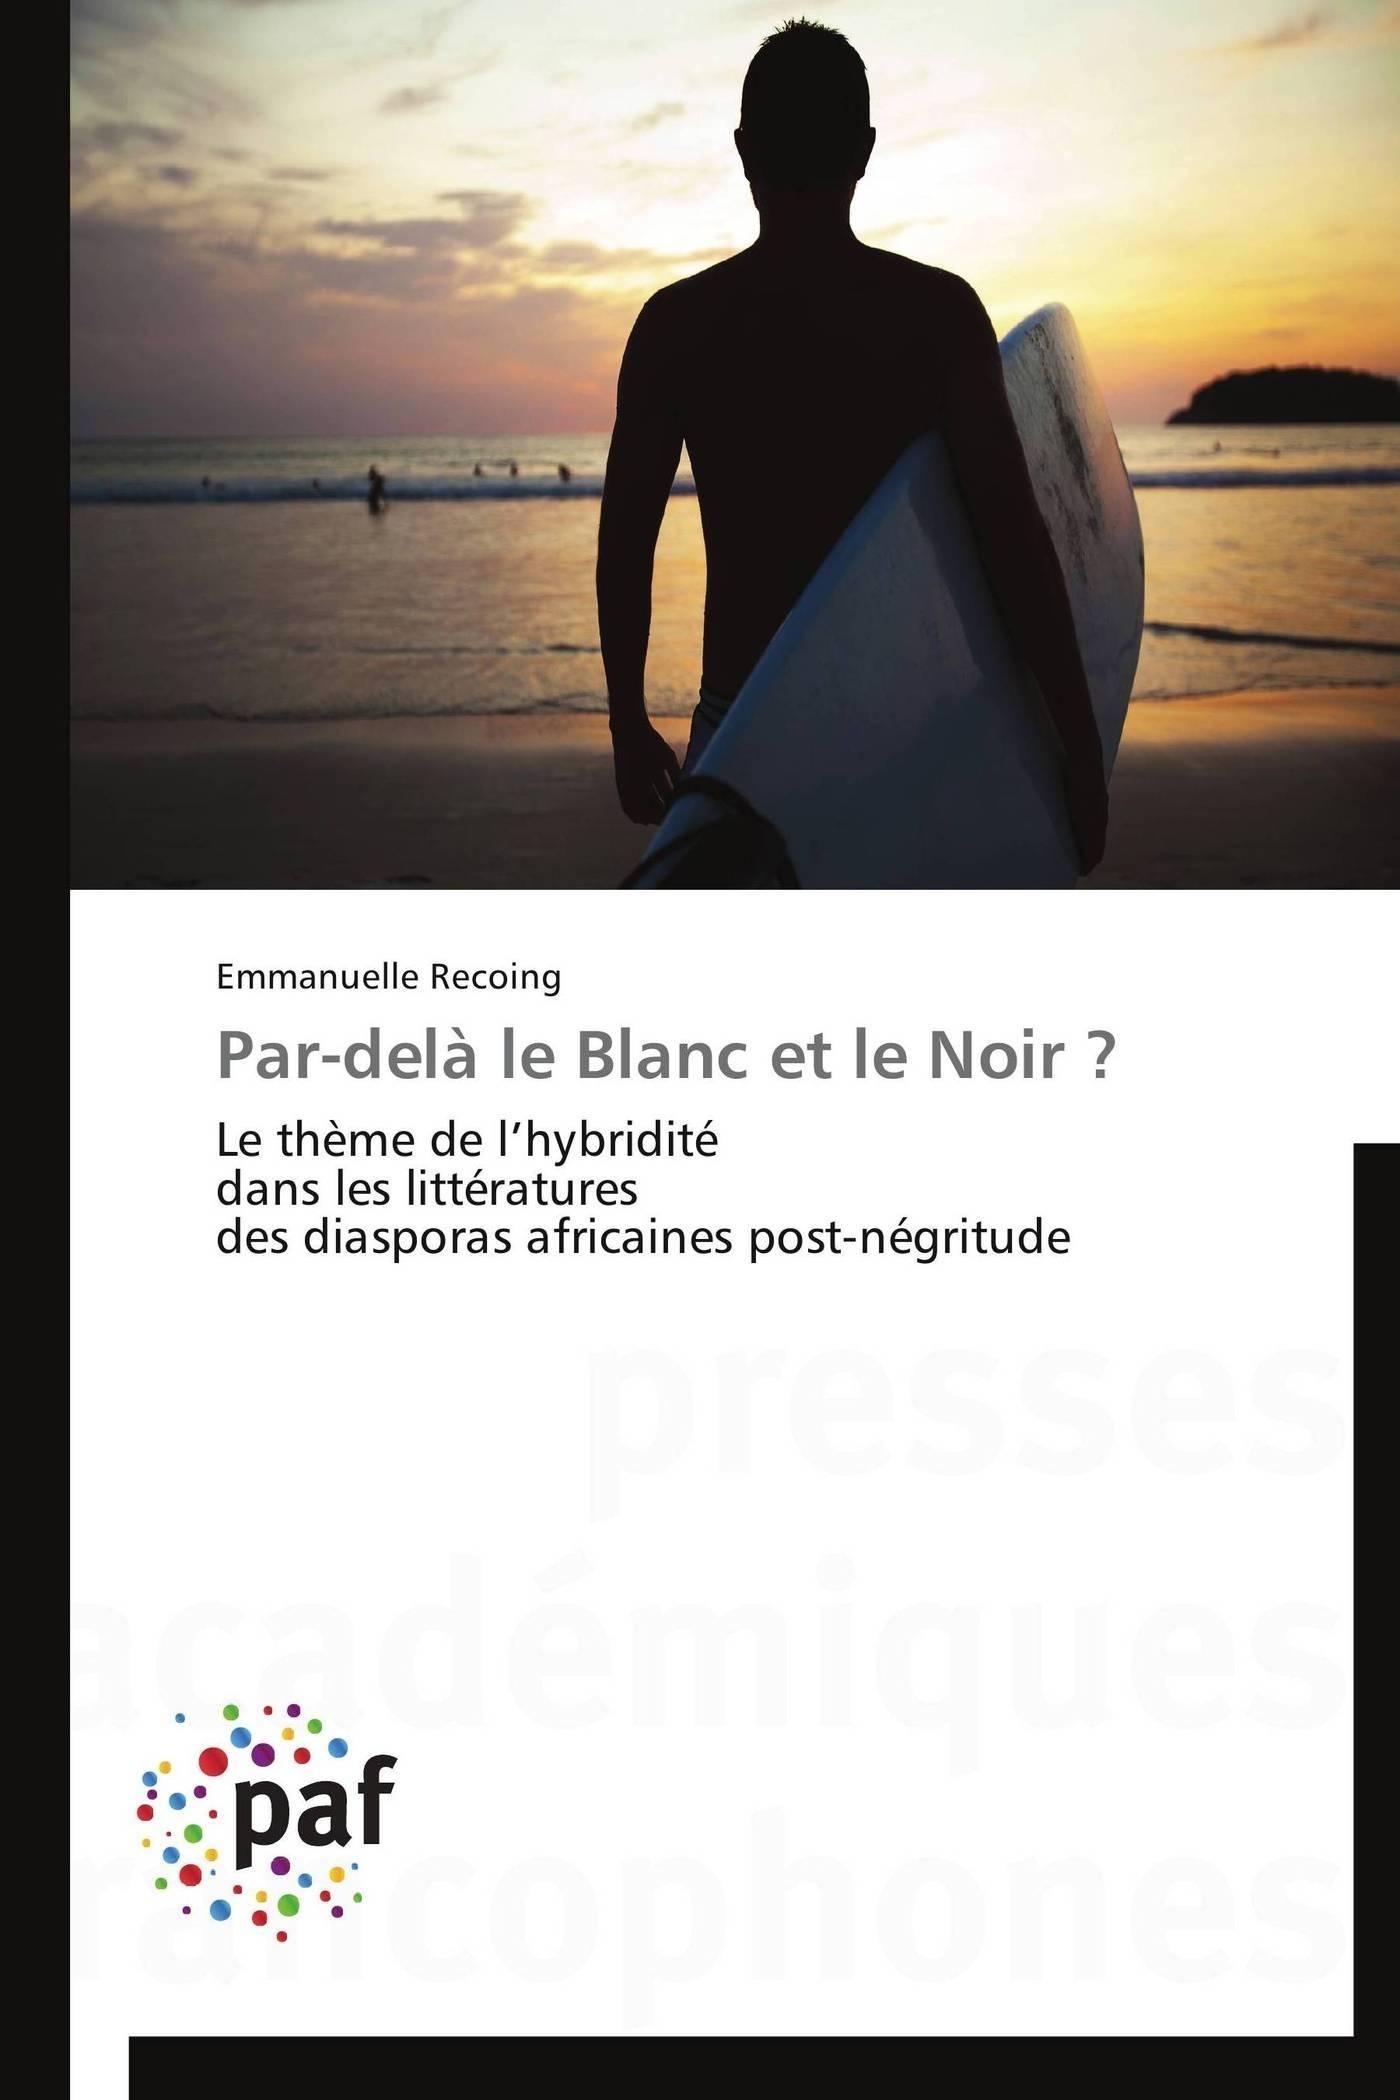 PAR-DELA LE BLANC ET LE NOIR ?